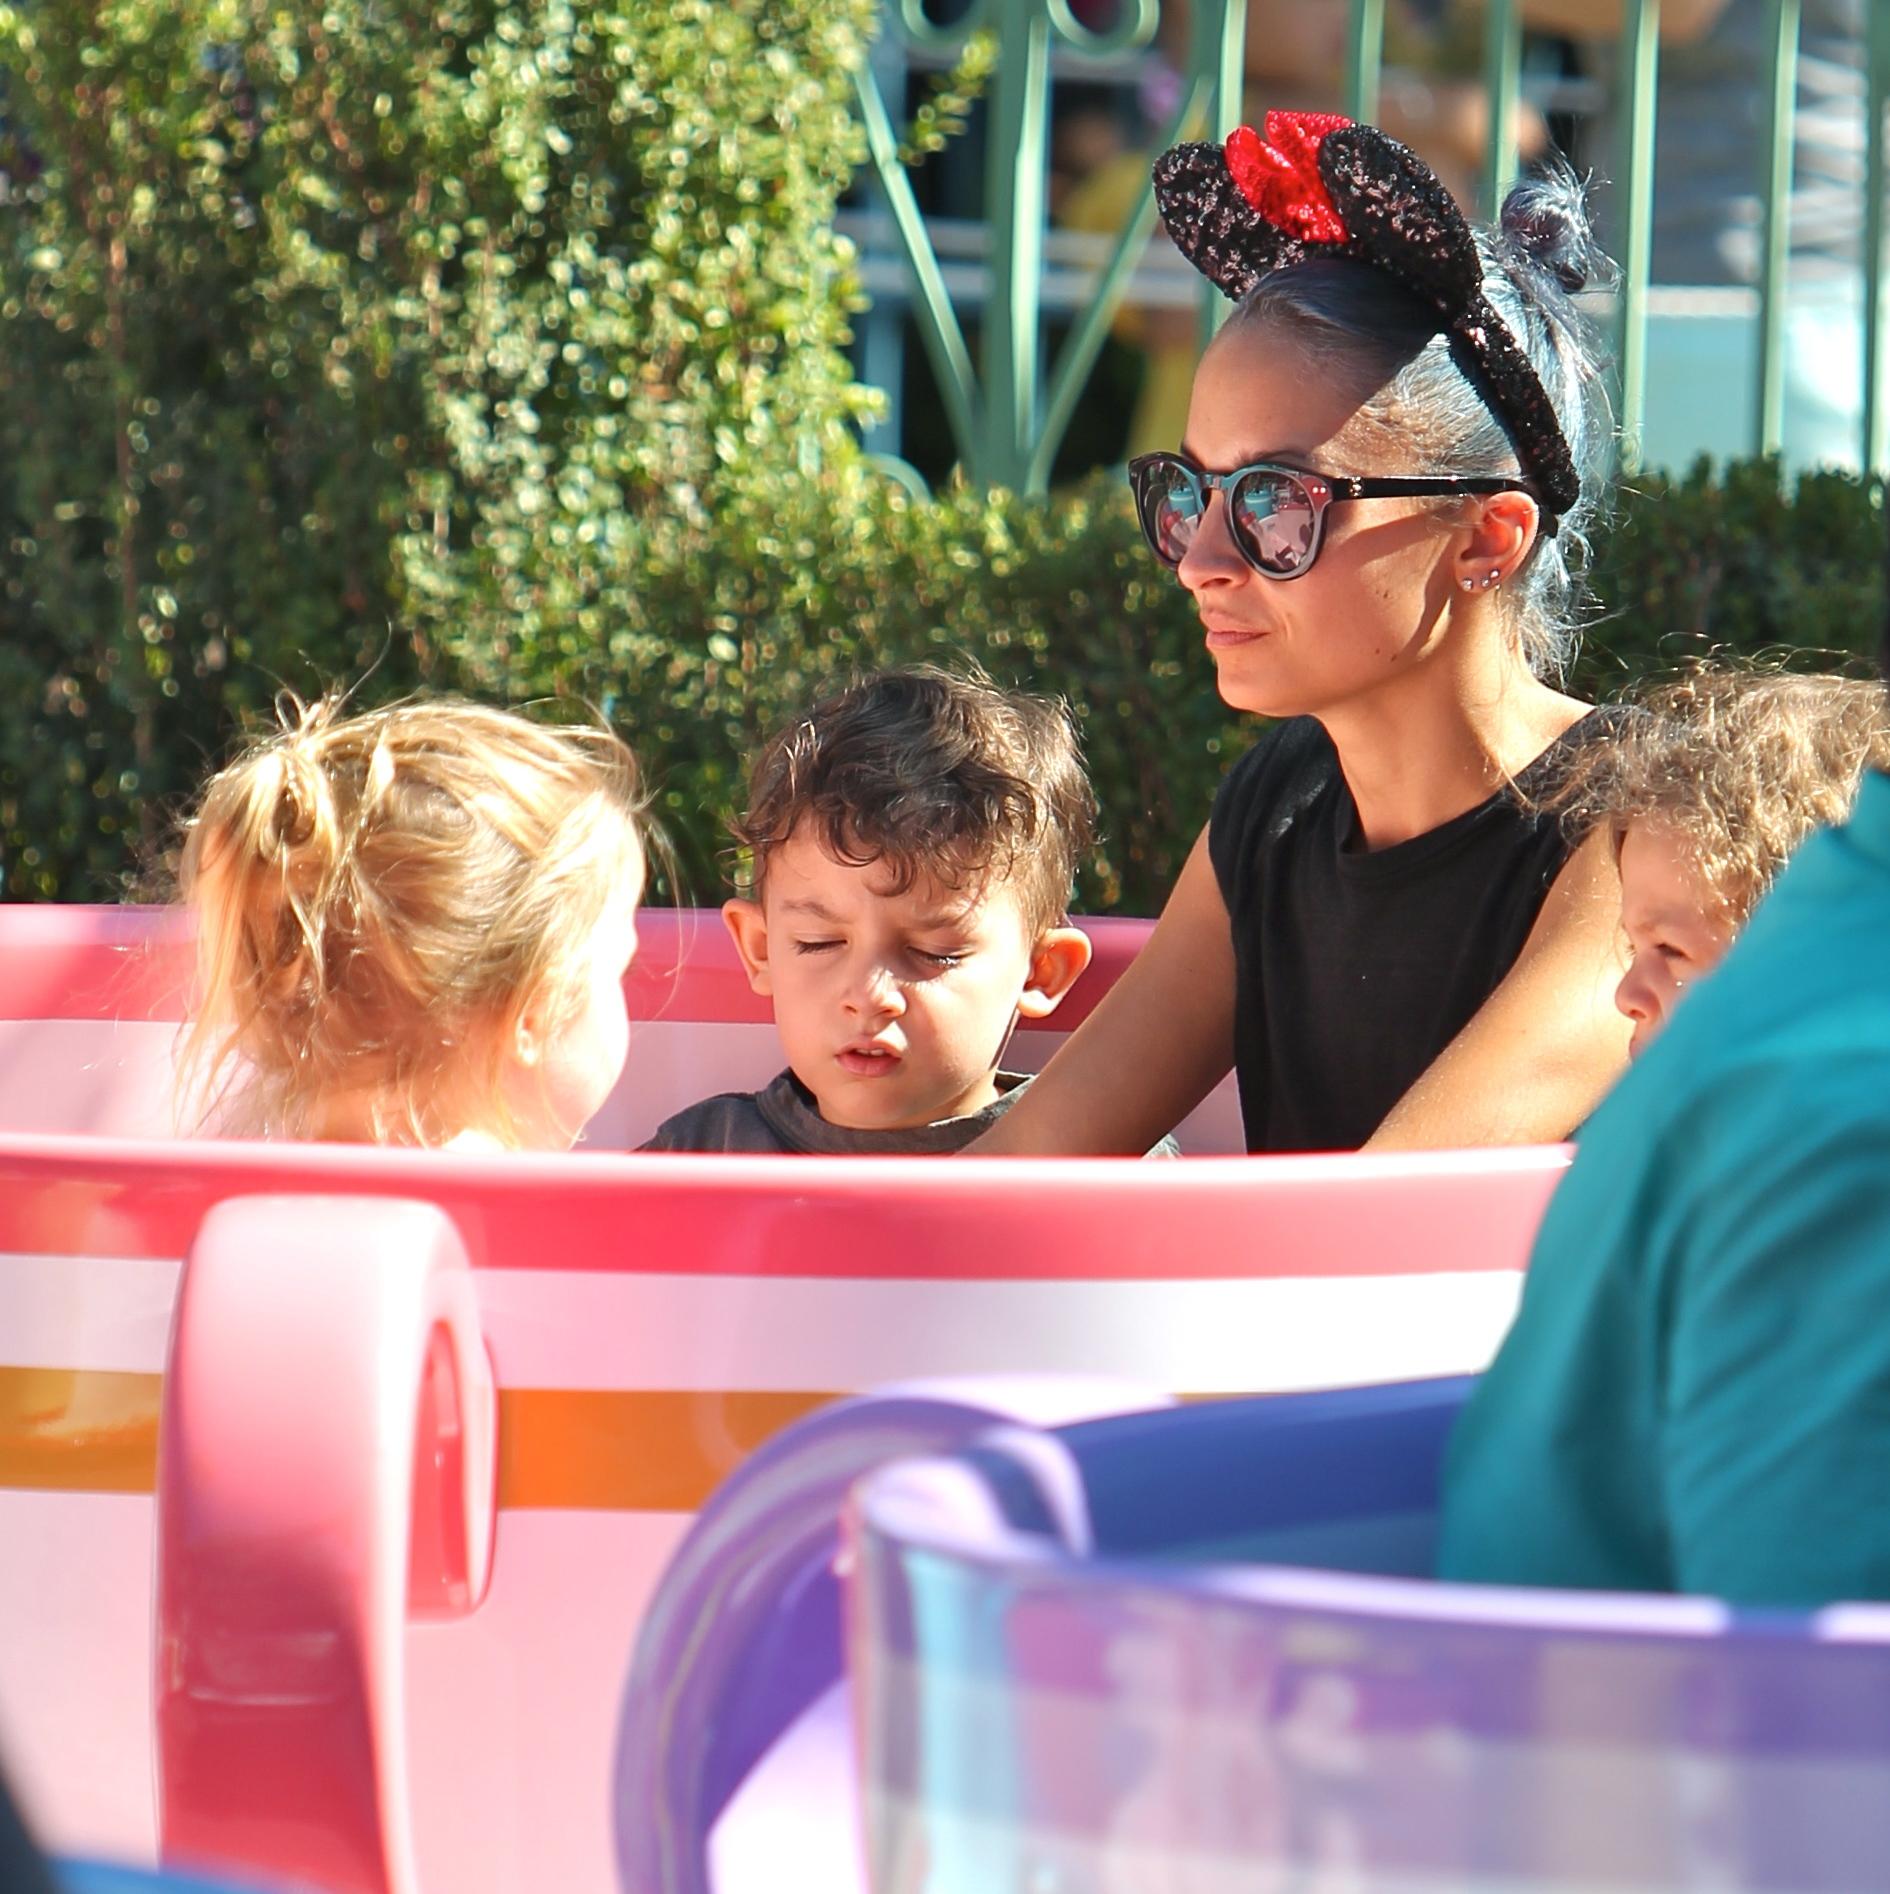 Nicole Richie At Disneyland